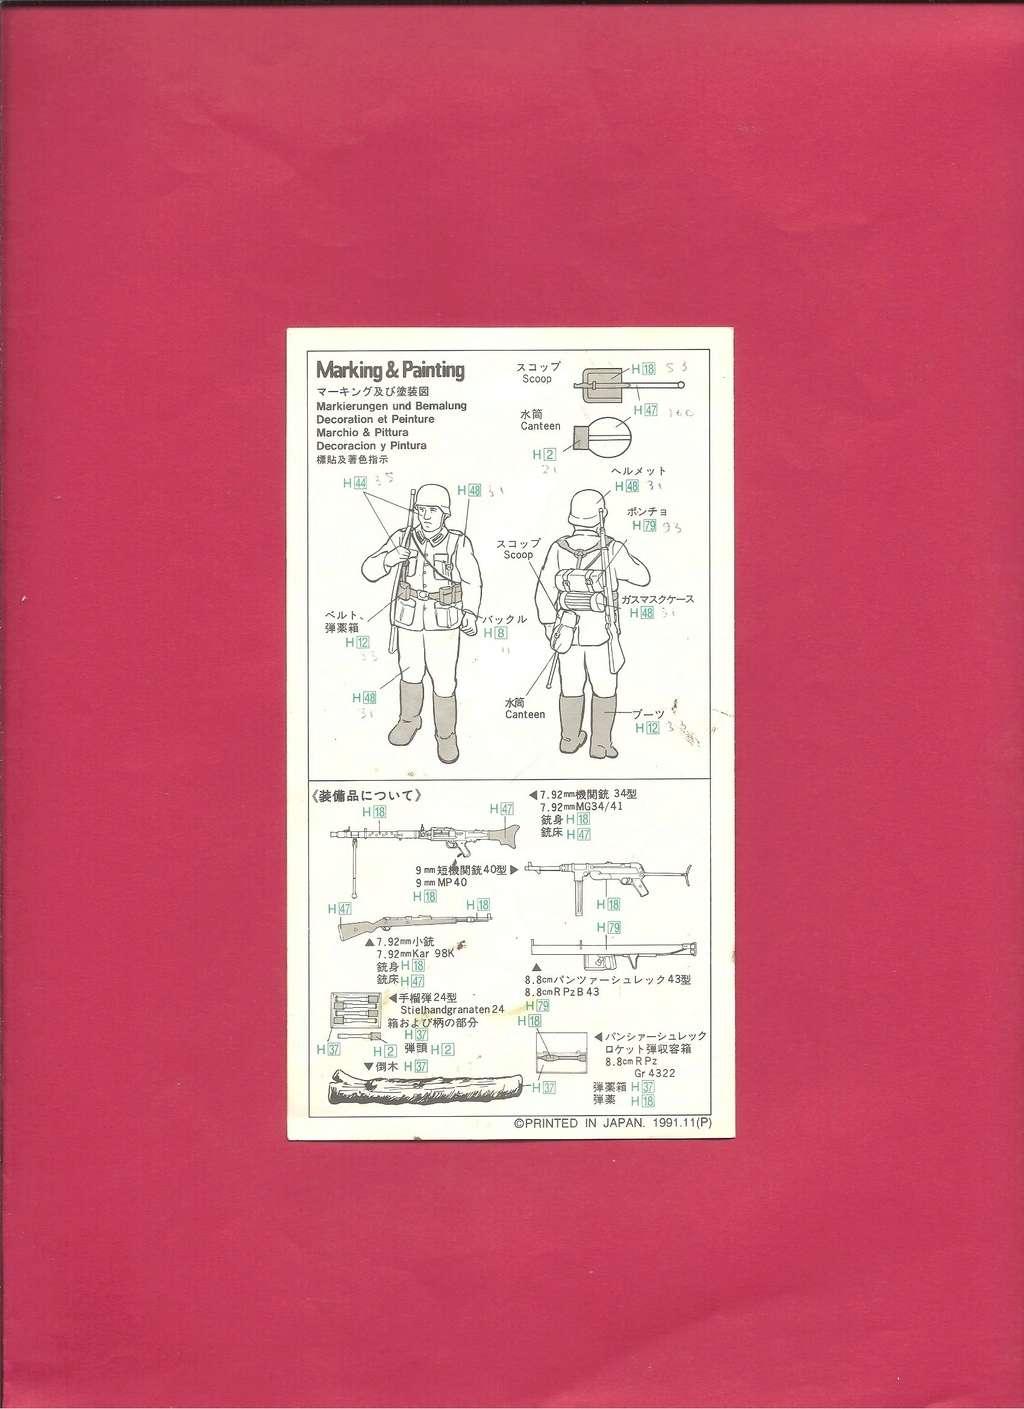 [HASEGAWA] Infanterie Allemande 1/72ème Réf MT30 1 72 Notice Hasega19